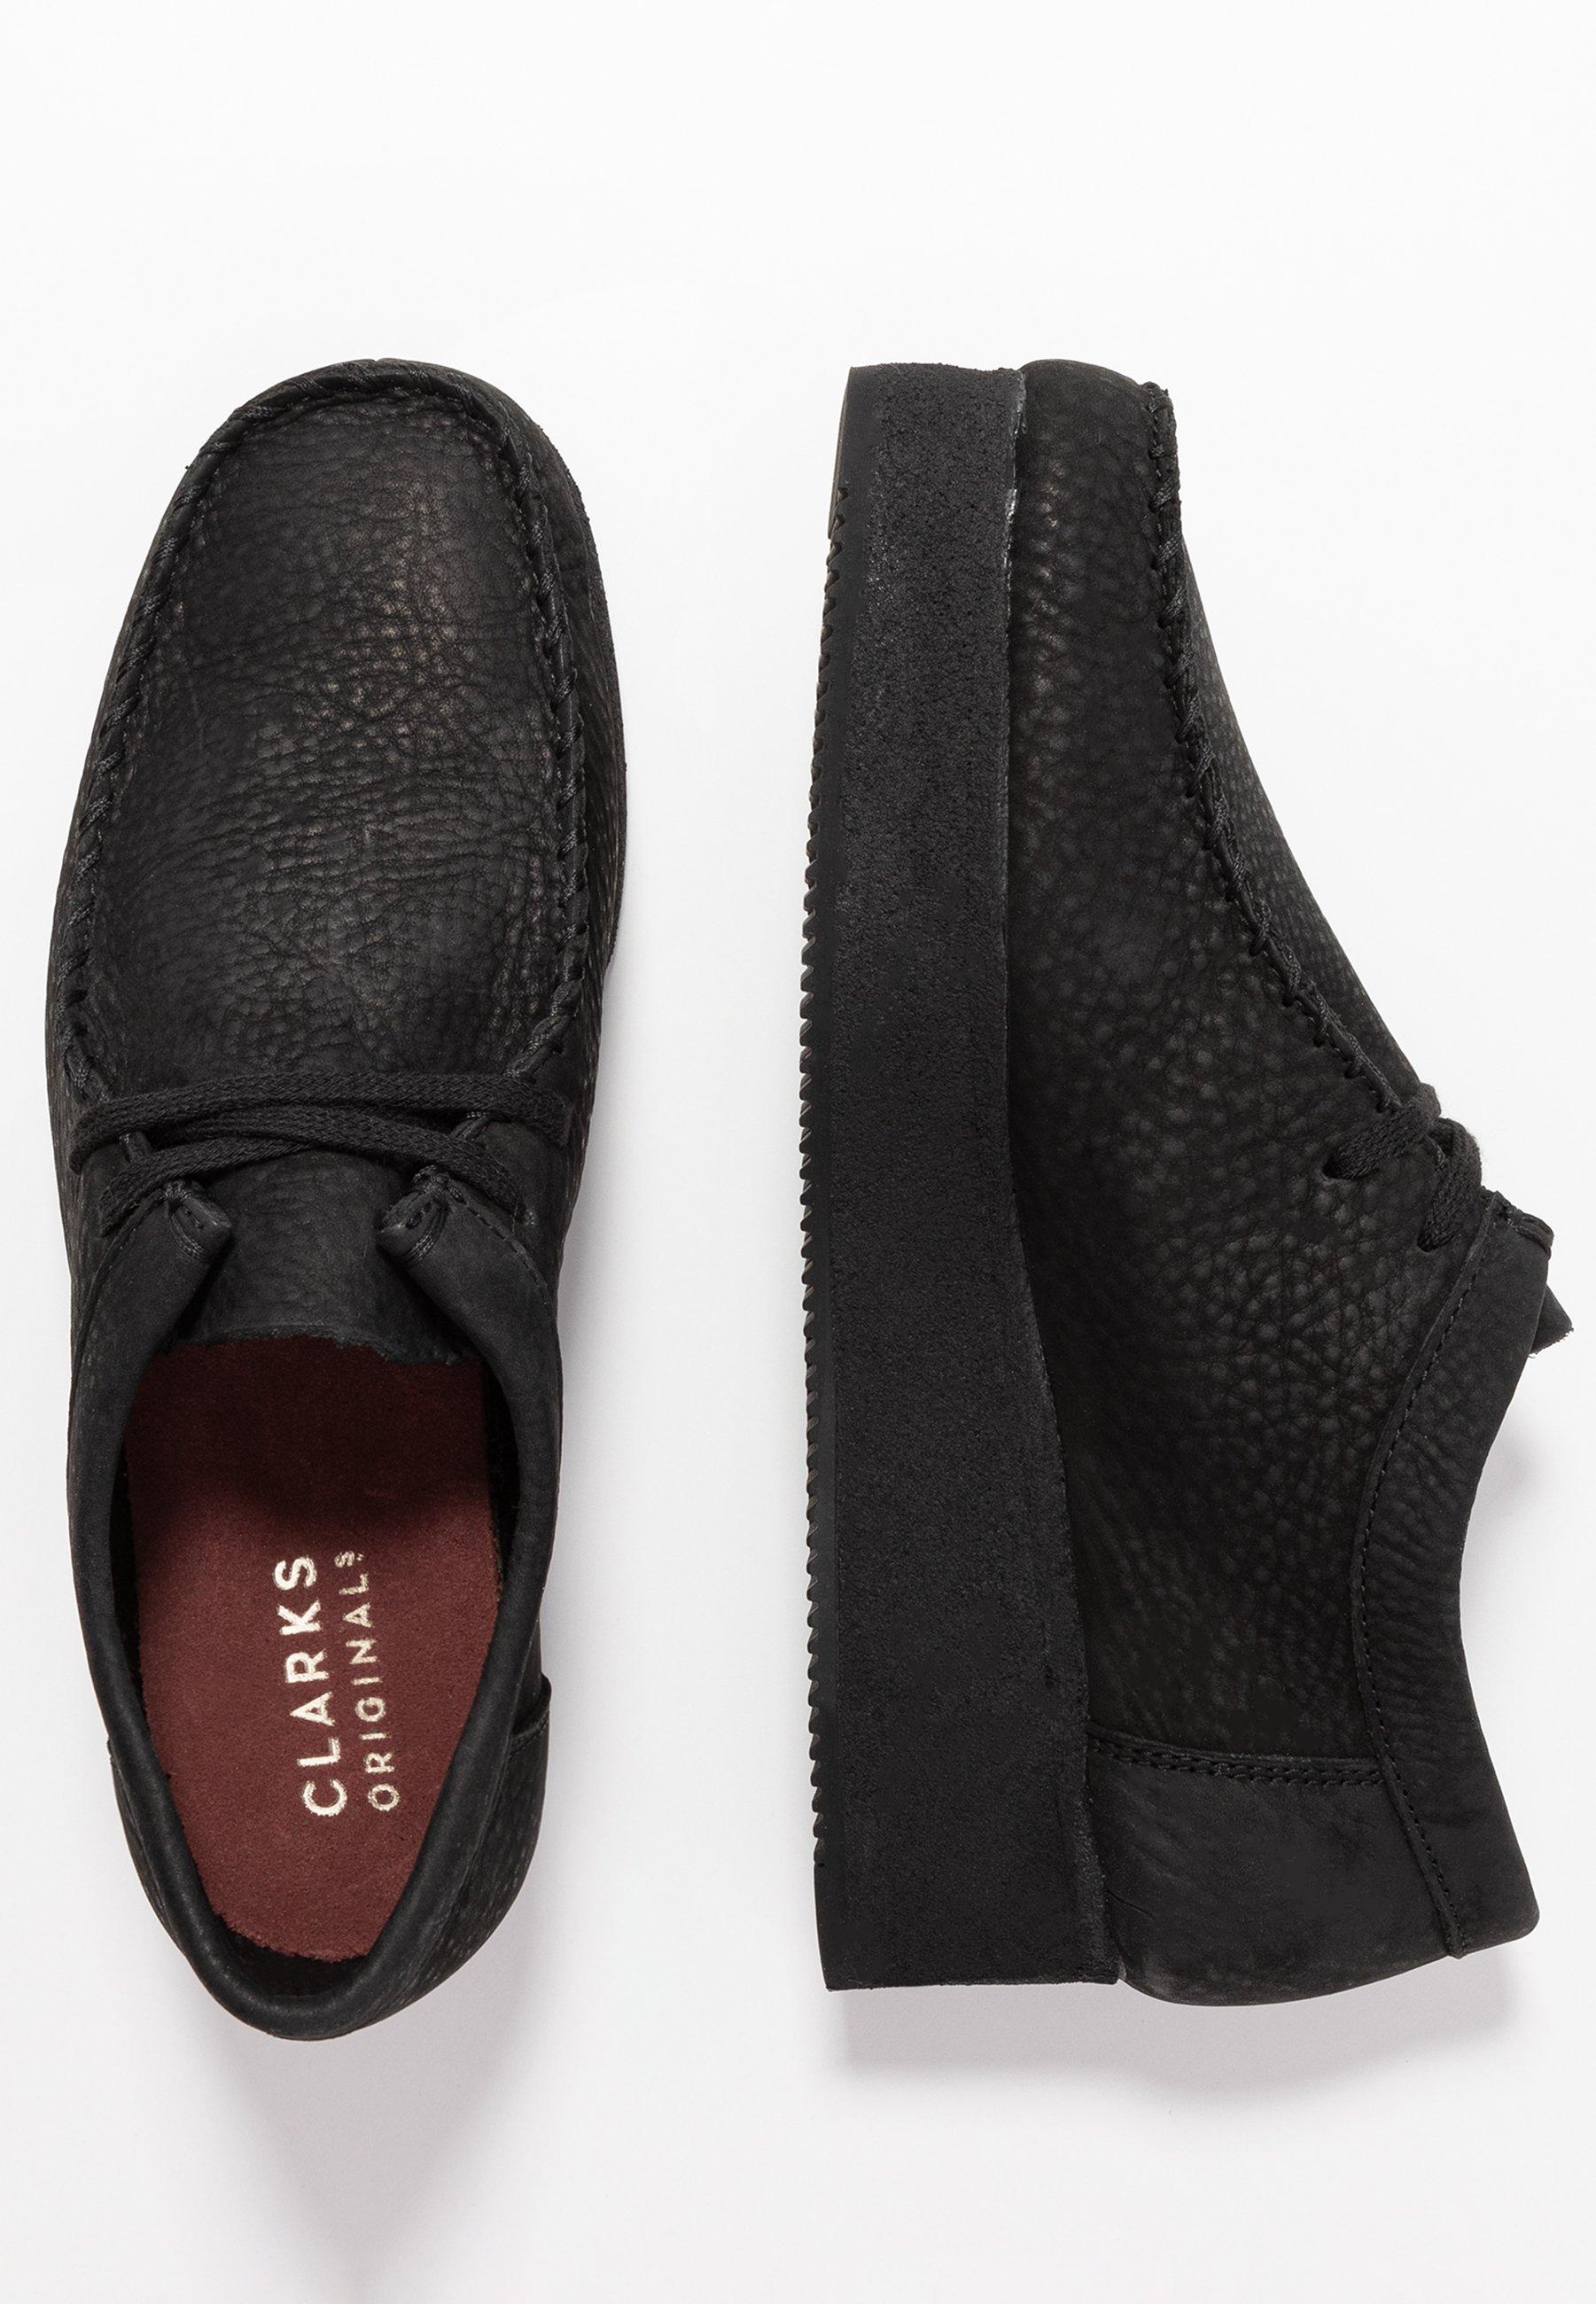 Clarks Originals WALLACRAFT - Sznurowane obuwie sportowe - black